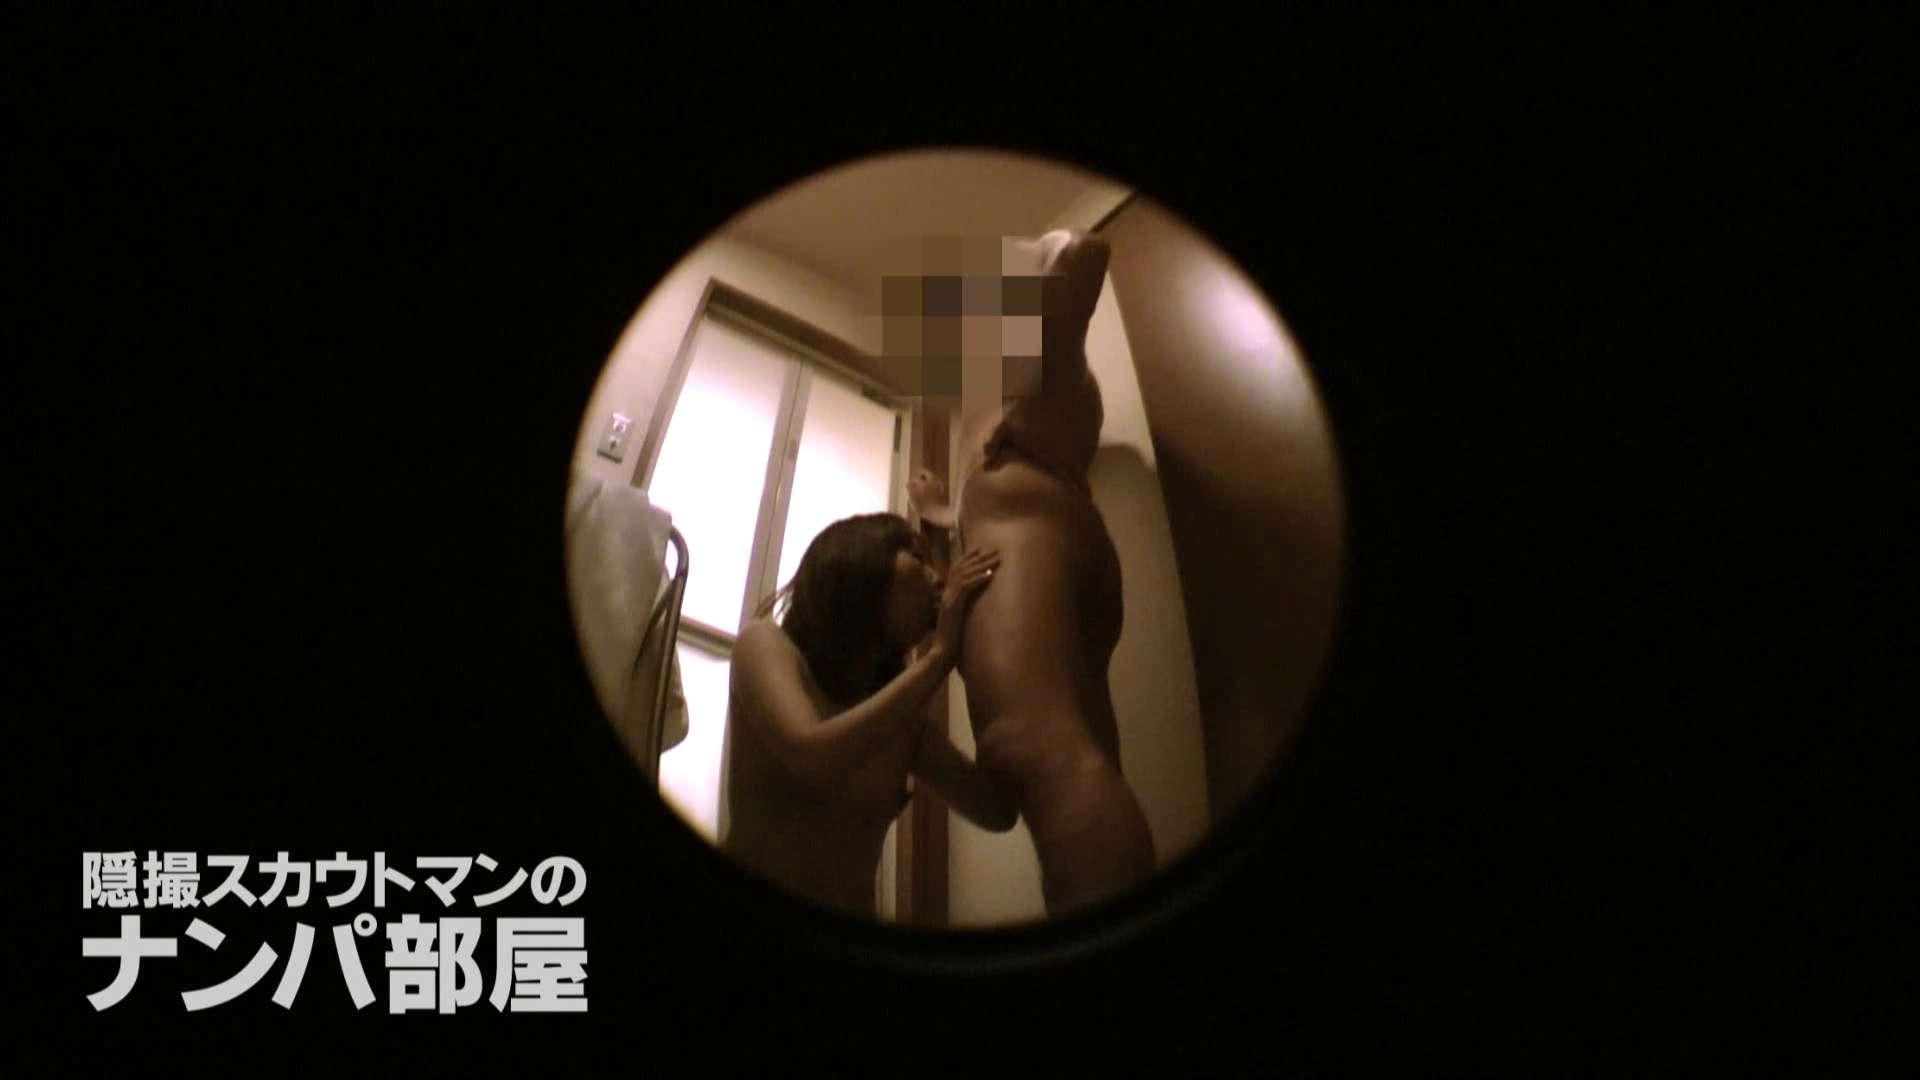 隠撮スカウトマンのナンパ部屋~風俗デビュー前のつまみ食い~ siivol.4 OLのエッチ 盗撮画像 91pic 47